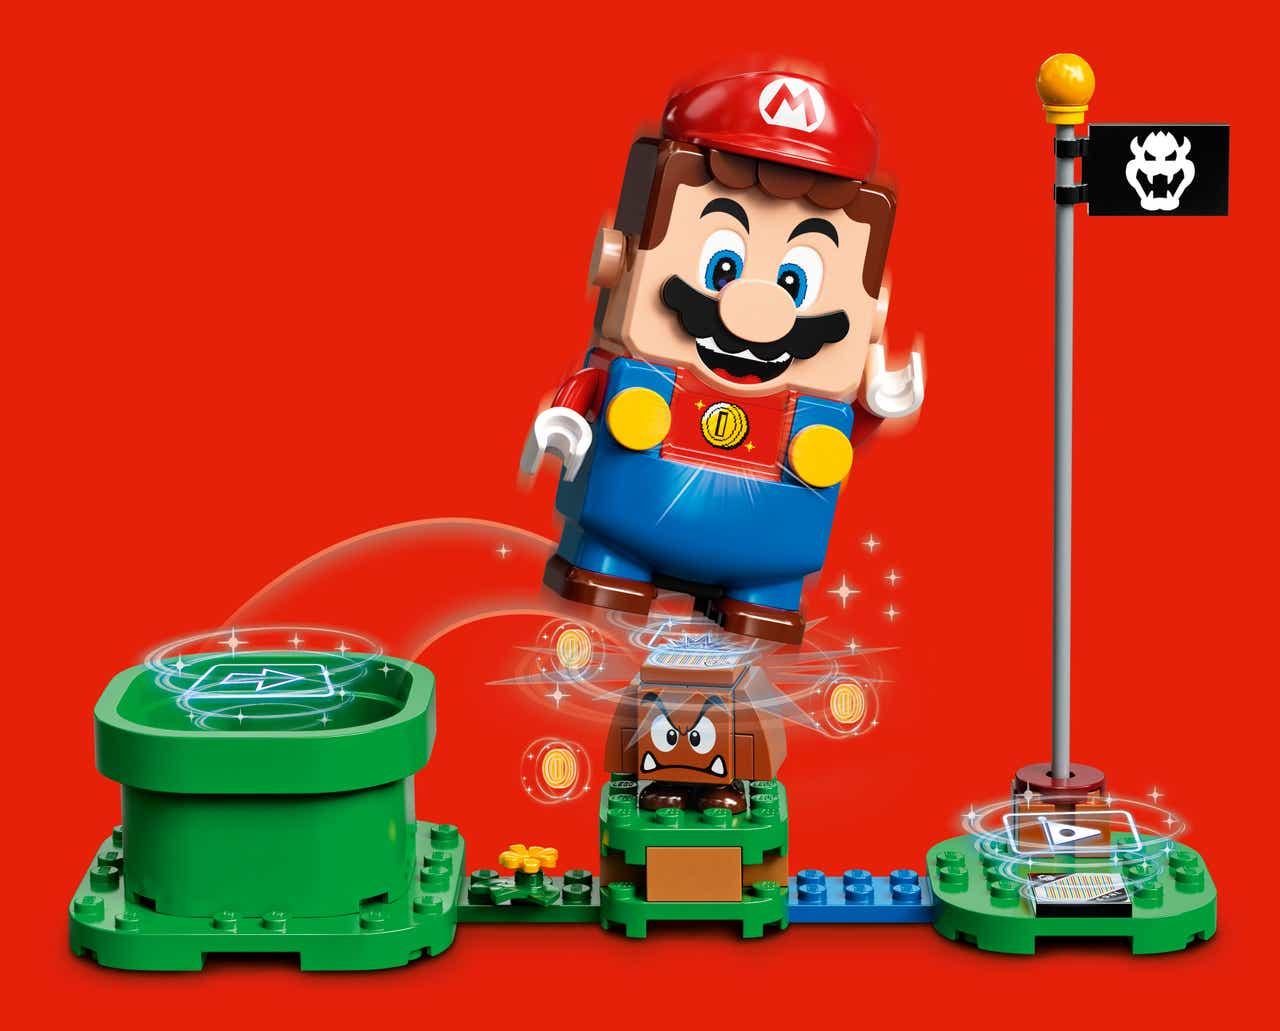 El set de Super Mario LEGO tiene una fecha de lanzamiento, reserva en vivo 15